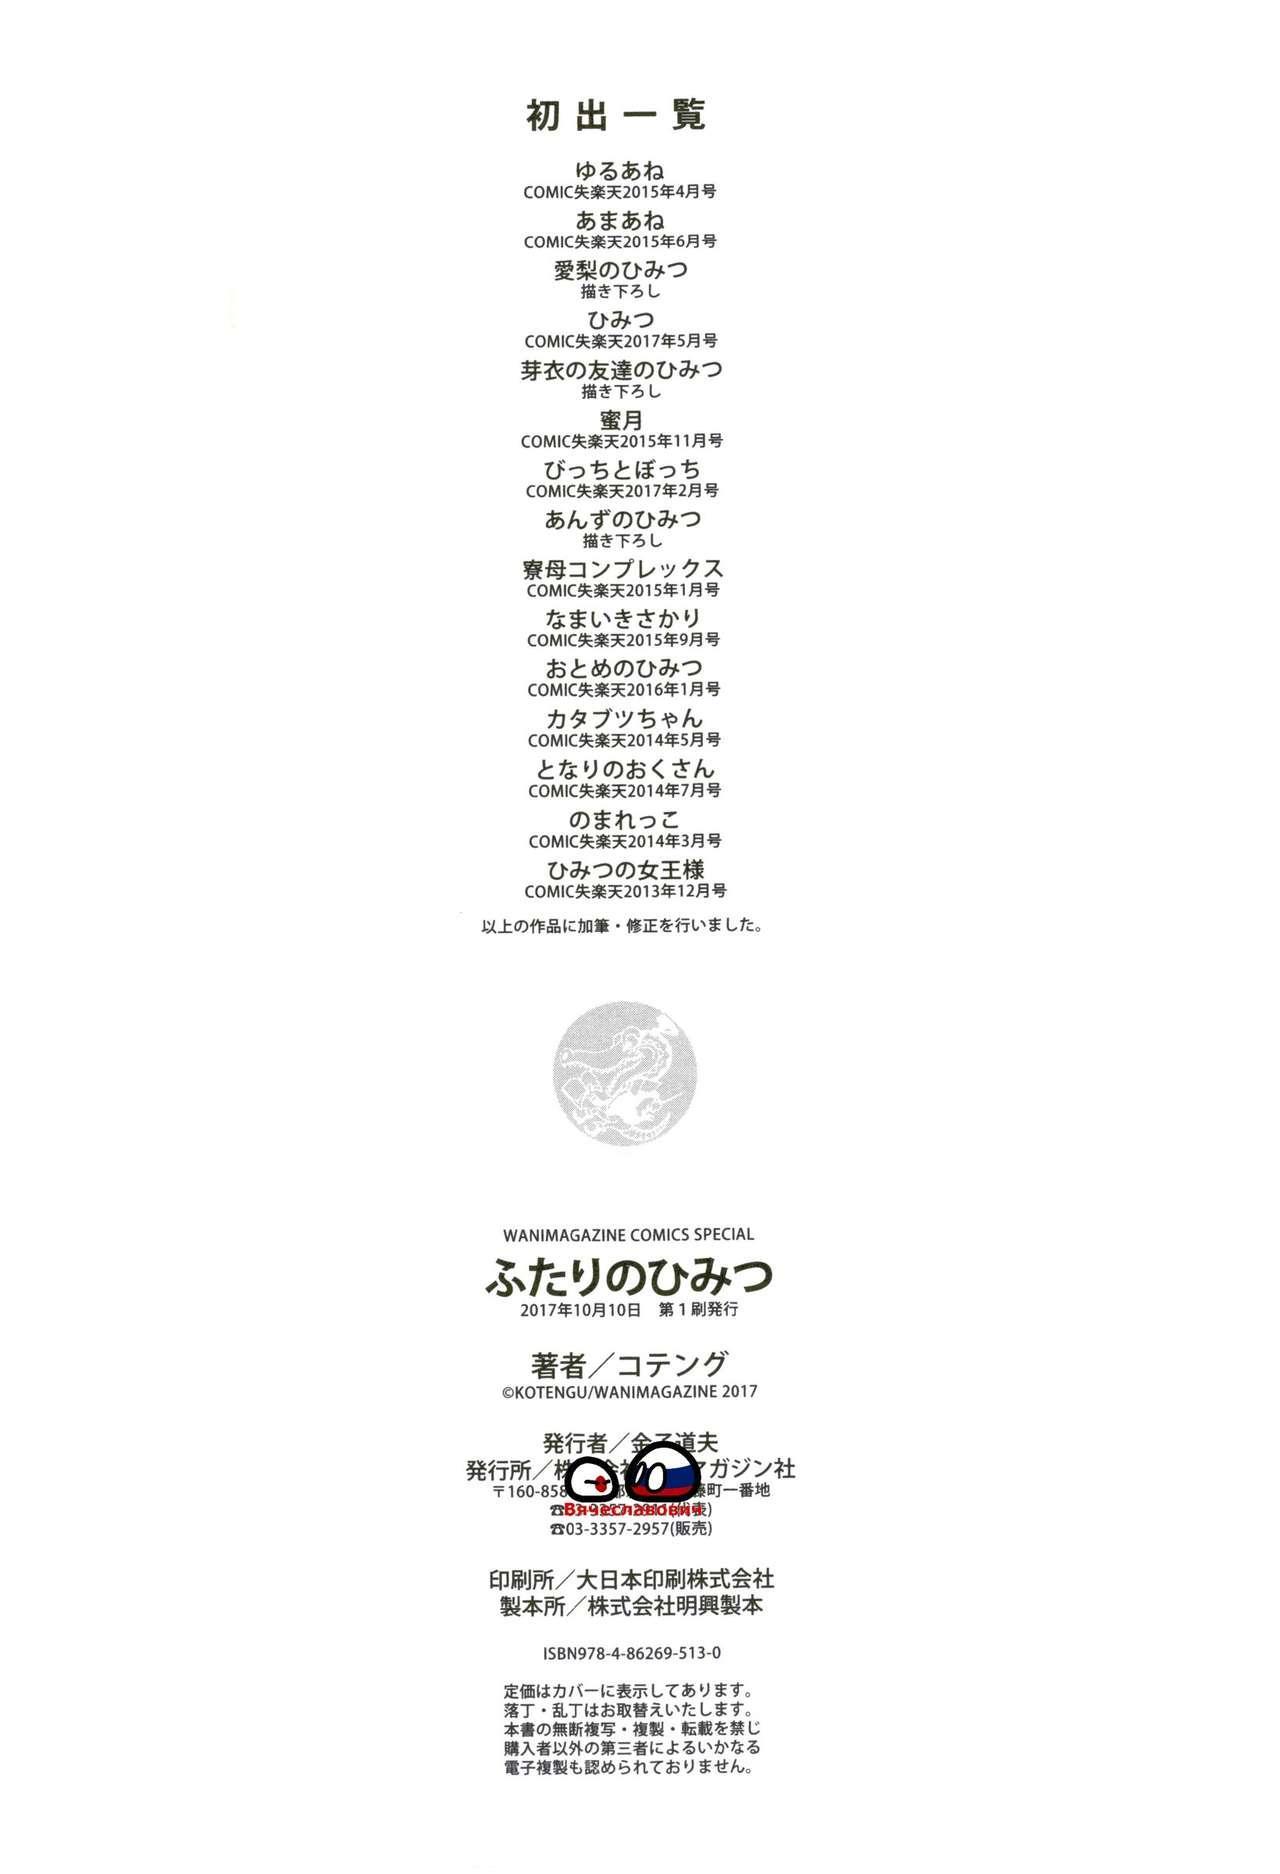 Futari no Himitsu 216